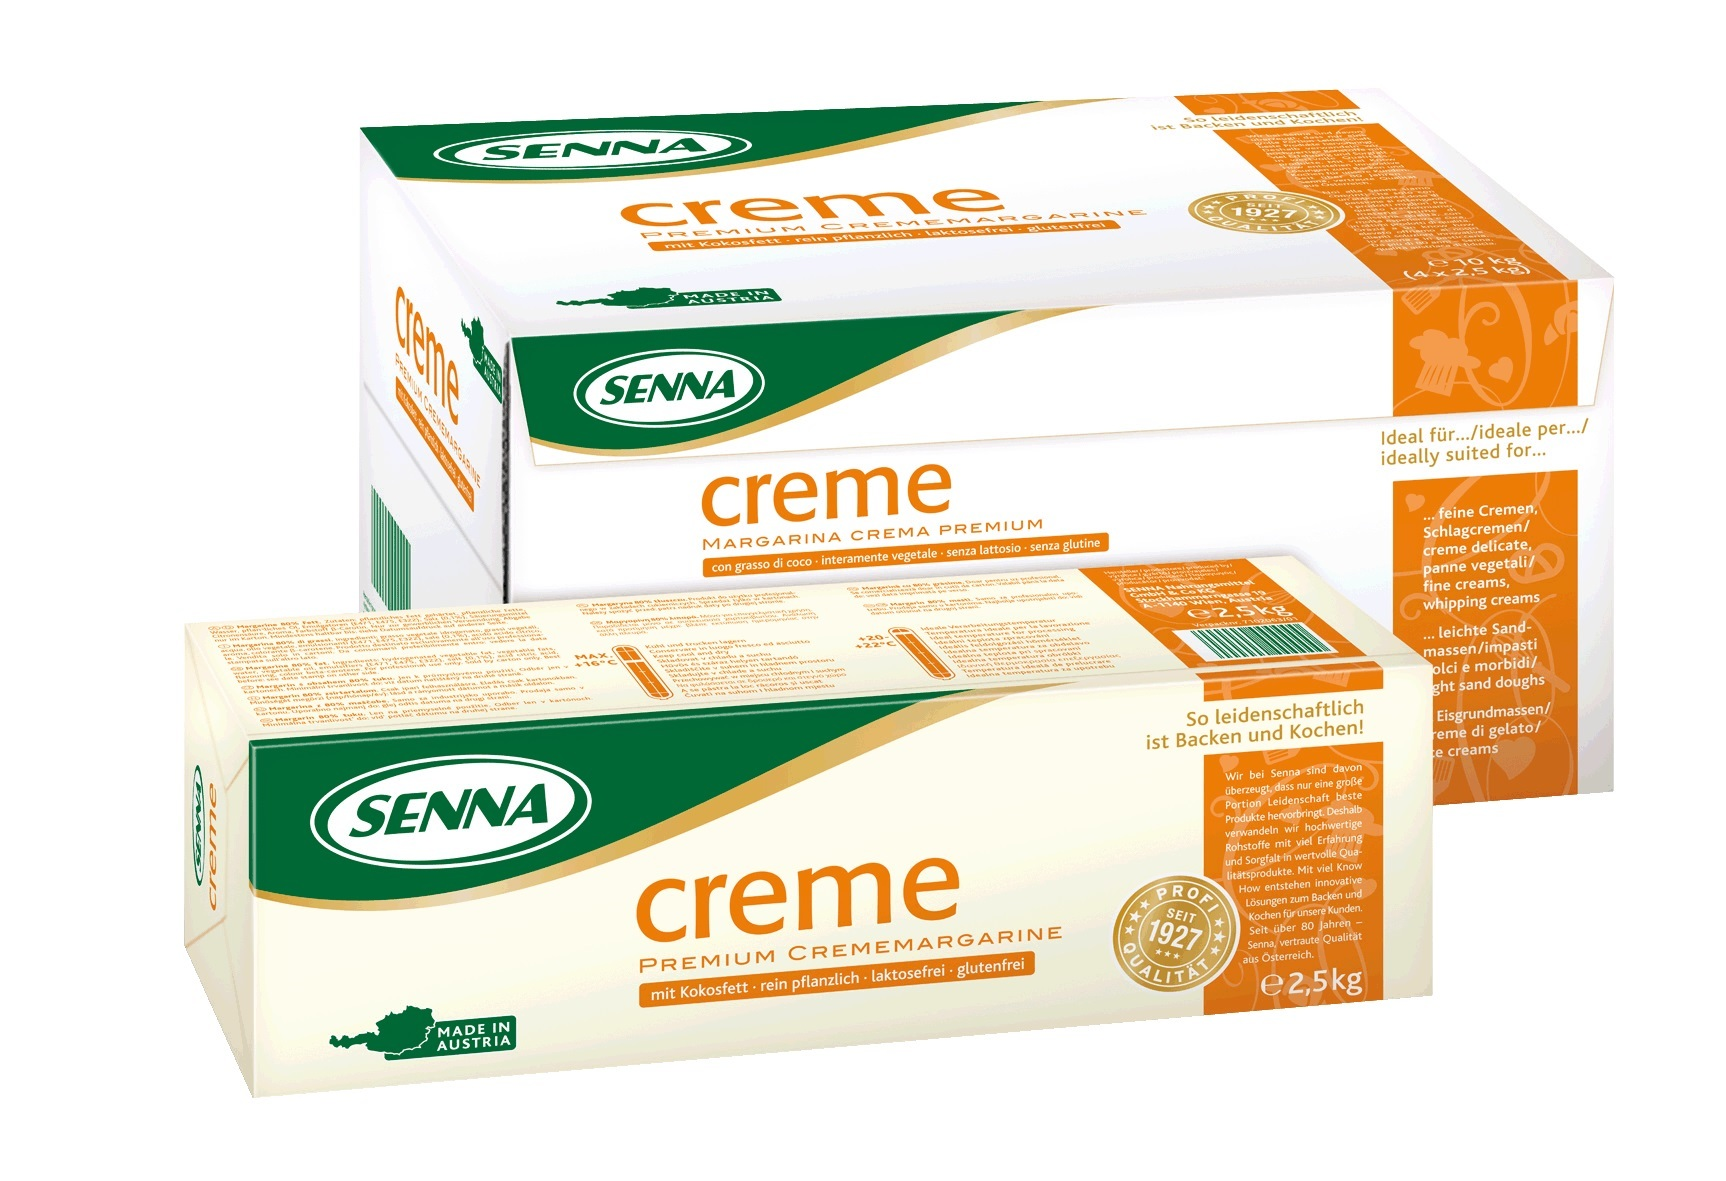 1211201 Senna Creme